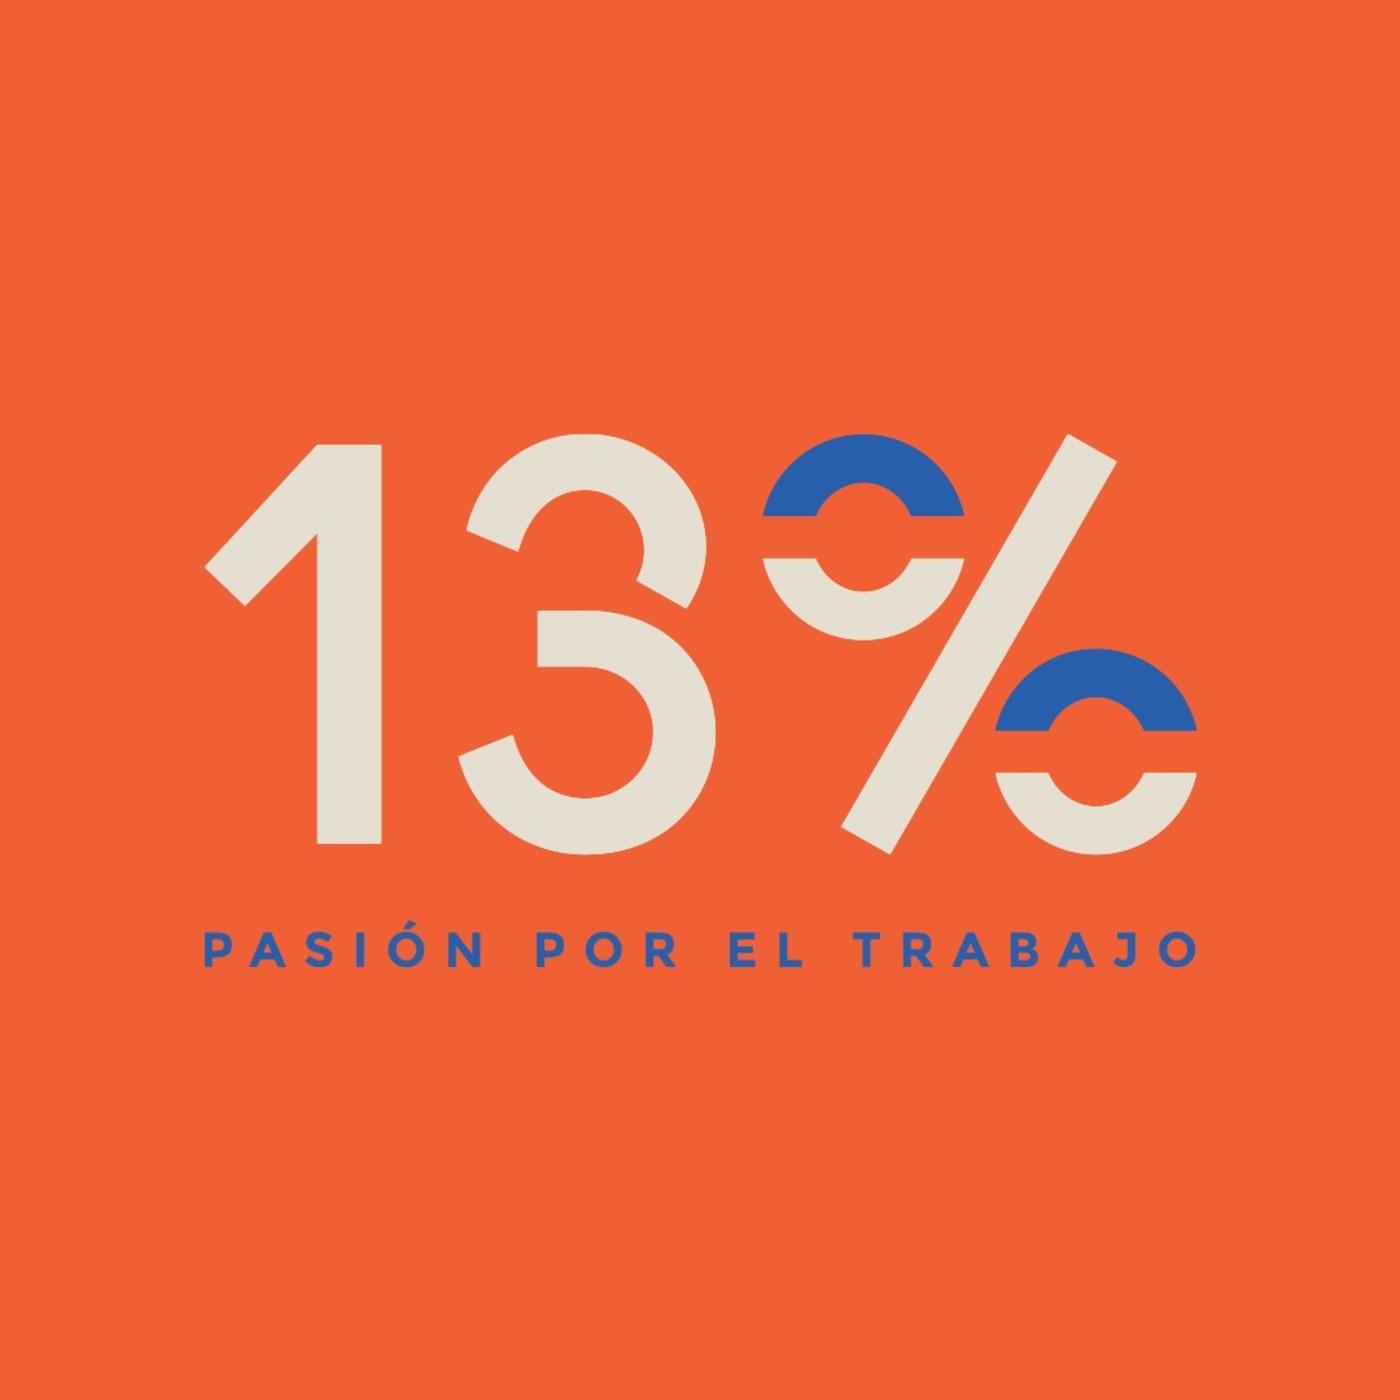 Artwork for ¿Quieren pautar en 13%?